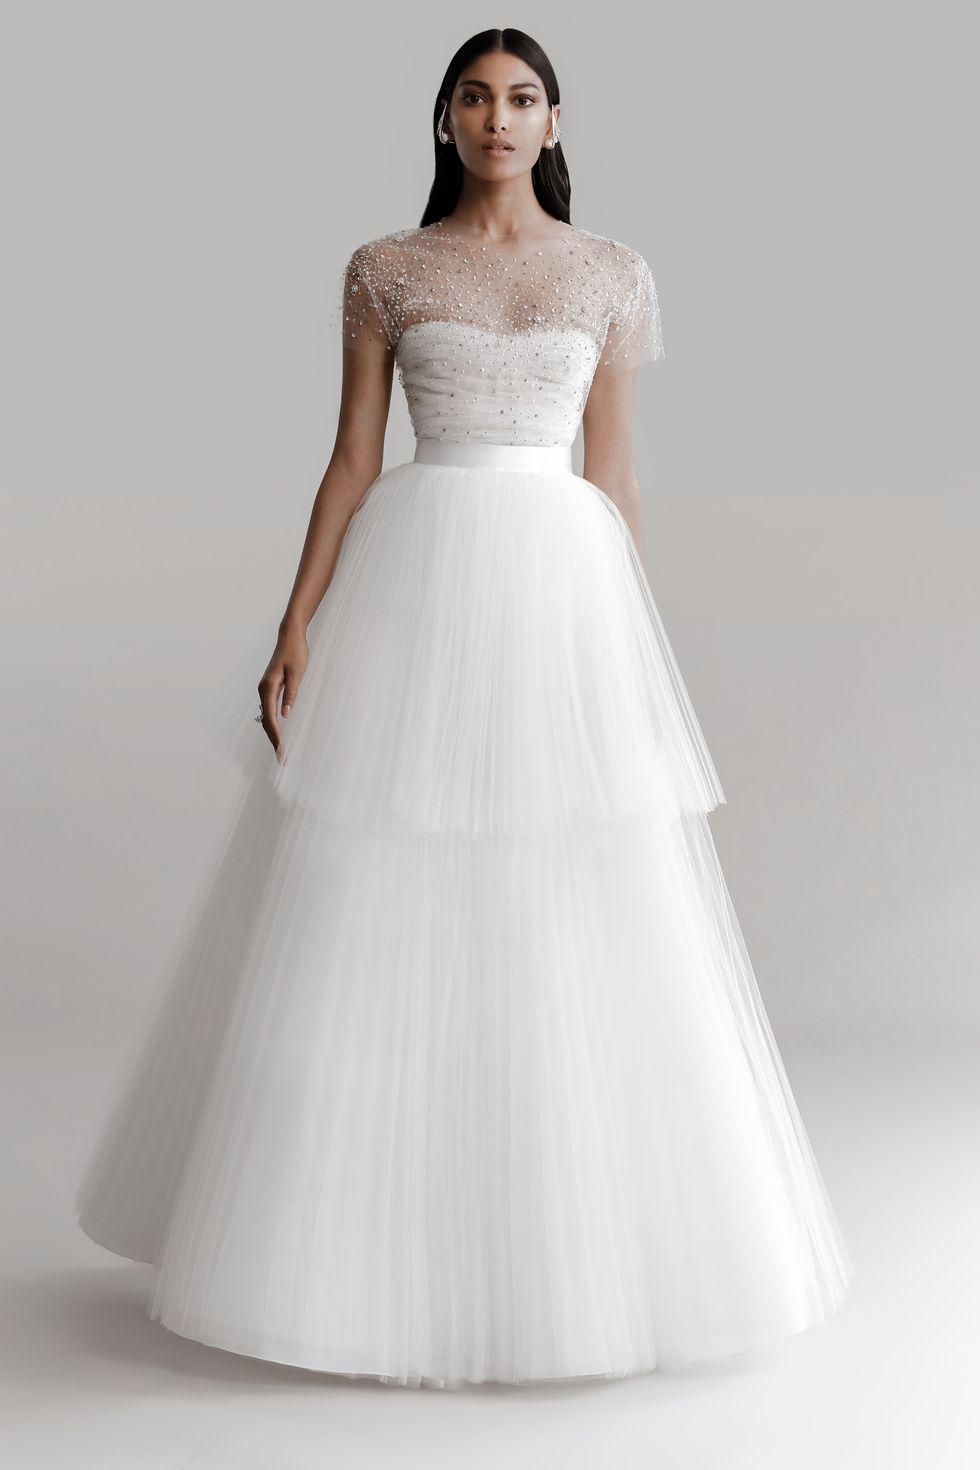 Vestidos de novia Prabal Gurung 2022, tendencias en vestidos de novia 2022, tendencias para novias 2022, moda para novias 2022 - Wedding Hub - 01